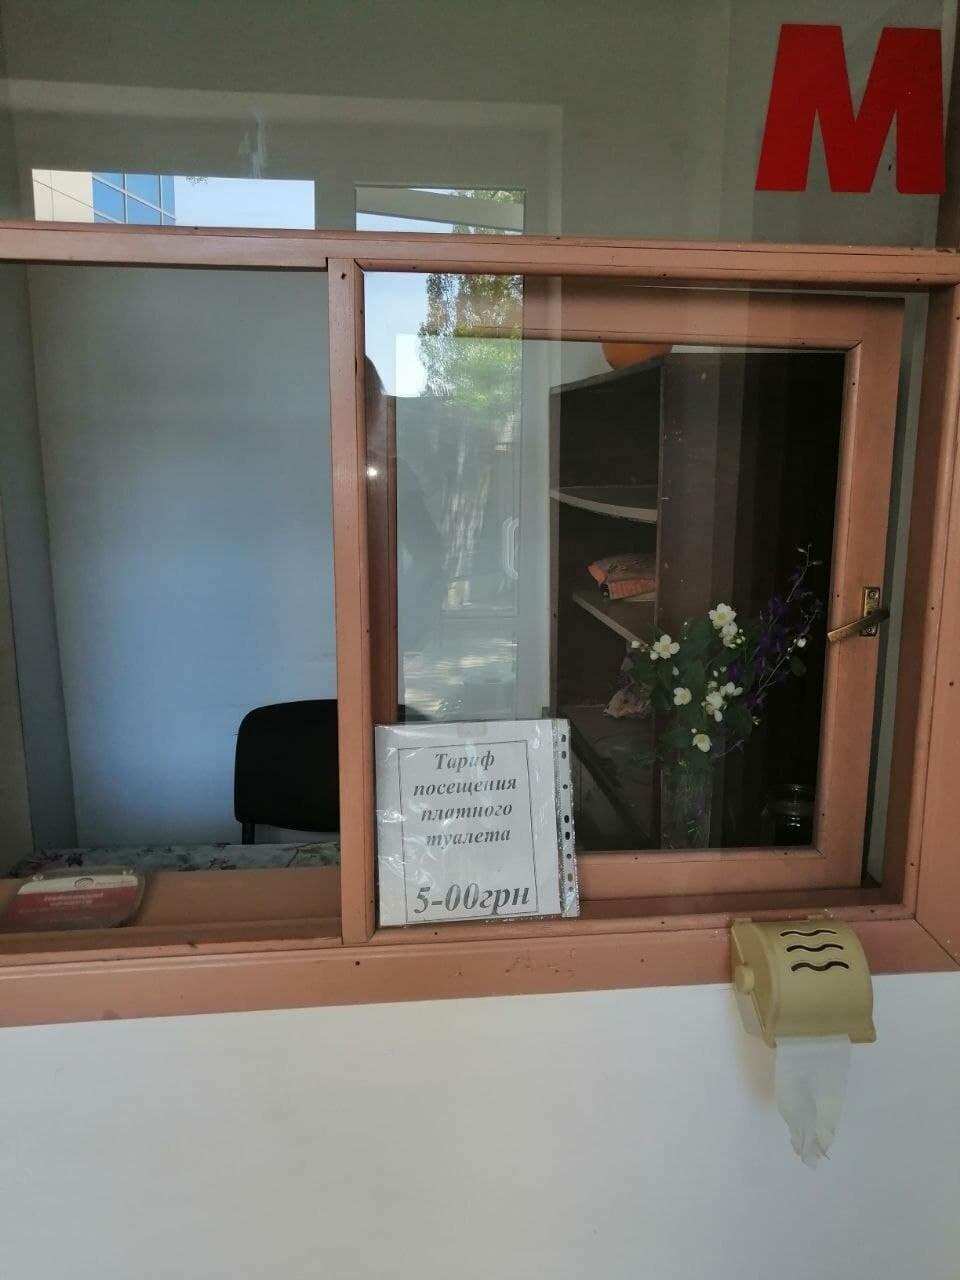 Где справить нужду в центре Бердянска (АДРЕСА ТУАЛЕТОВ), фото-2